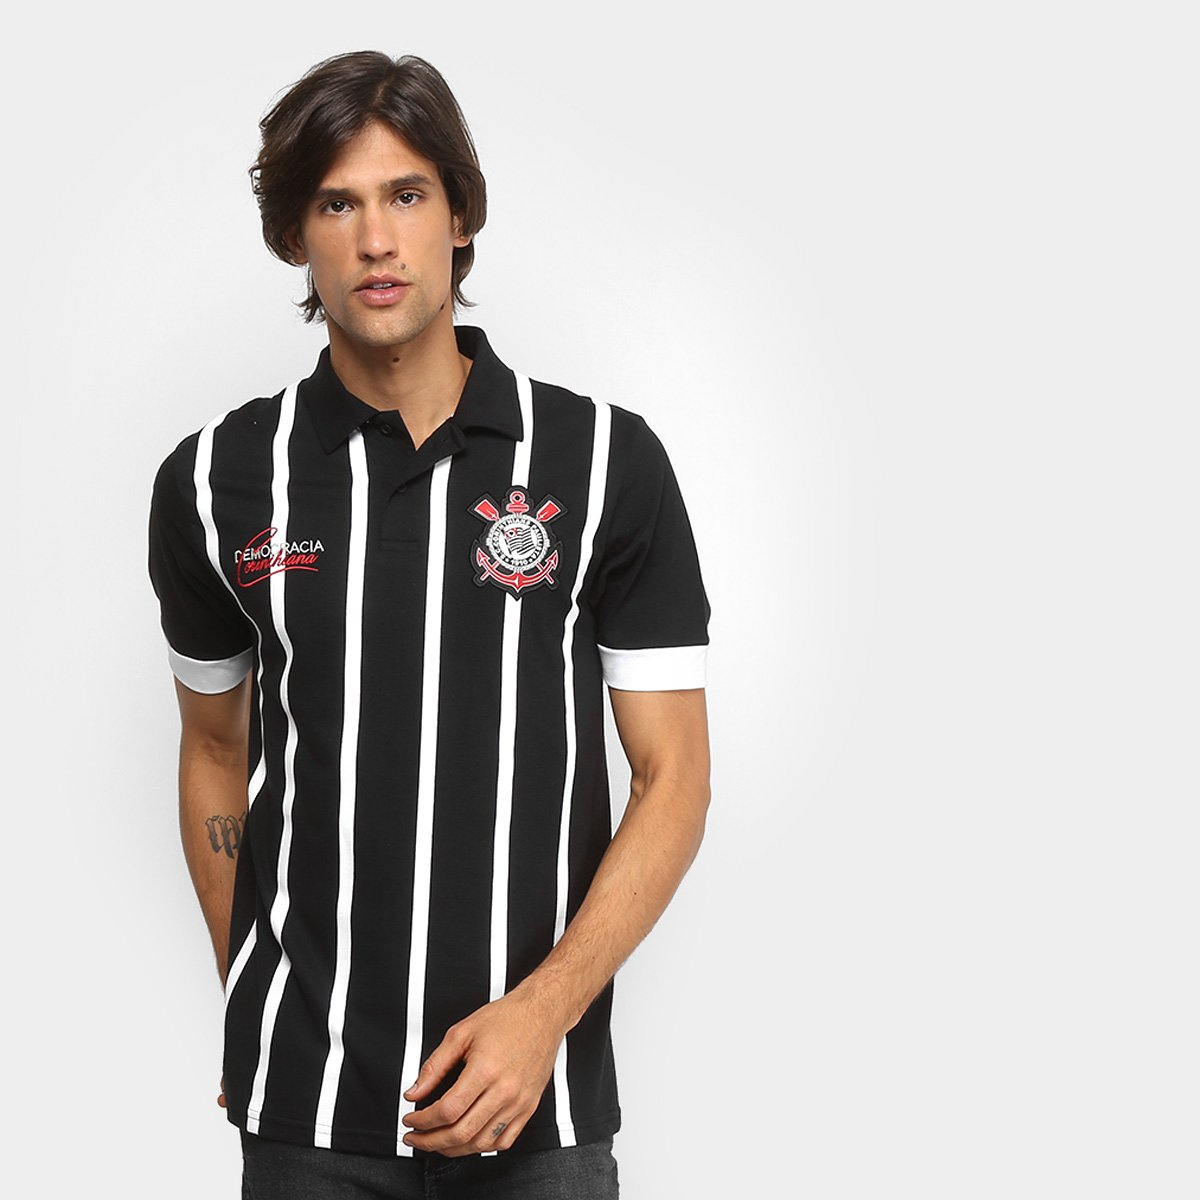 Camisa Polo Corinthians Democracia 1982 Masculina - Preto e Branco ... 4531f843ba50c